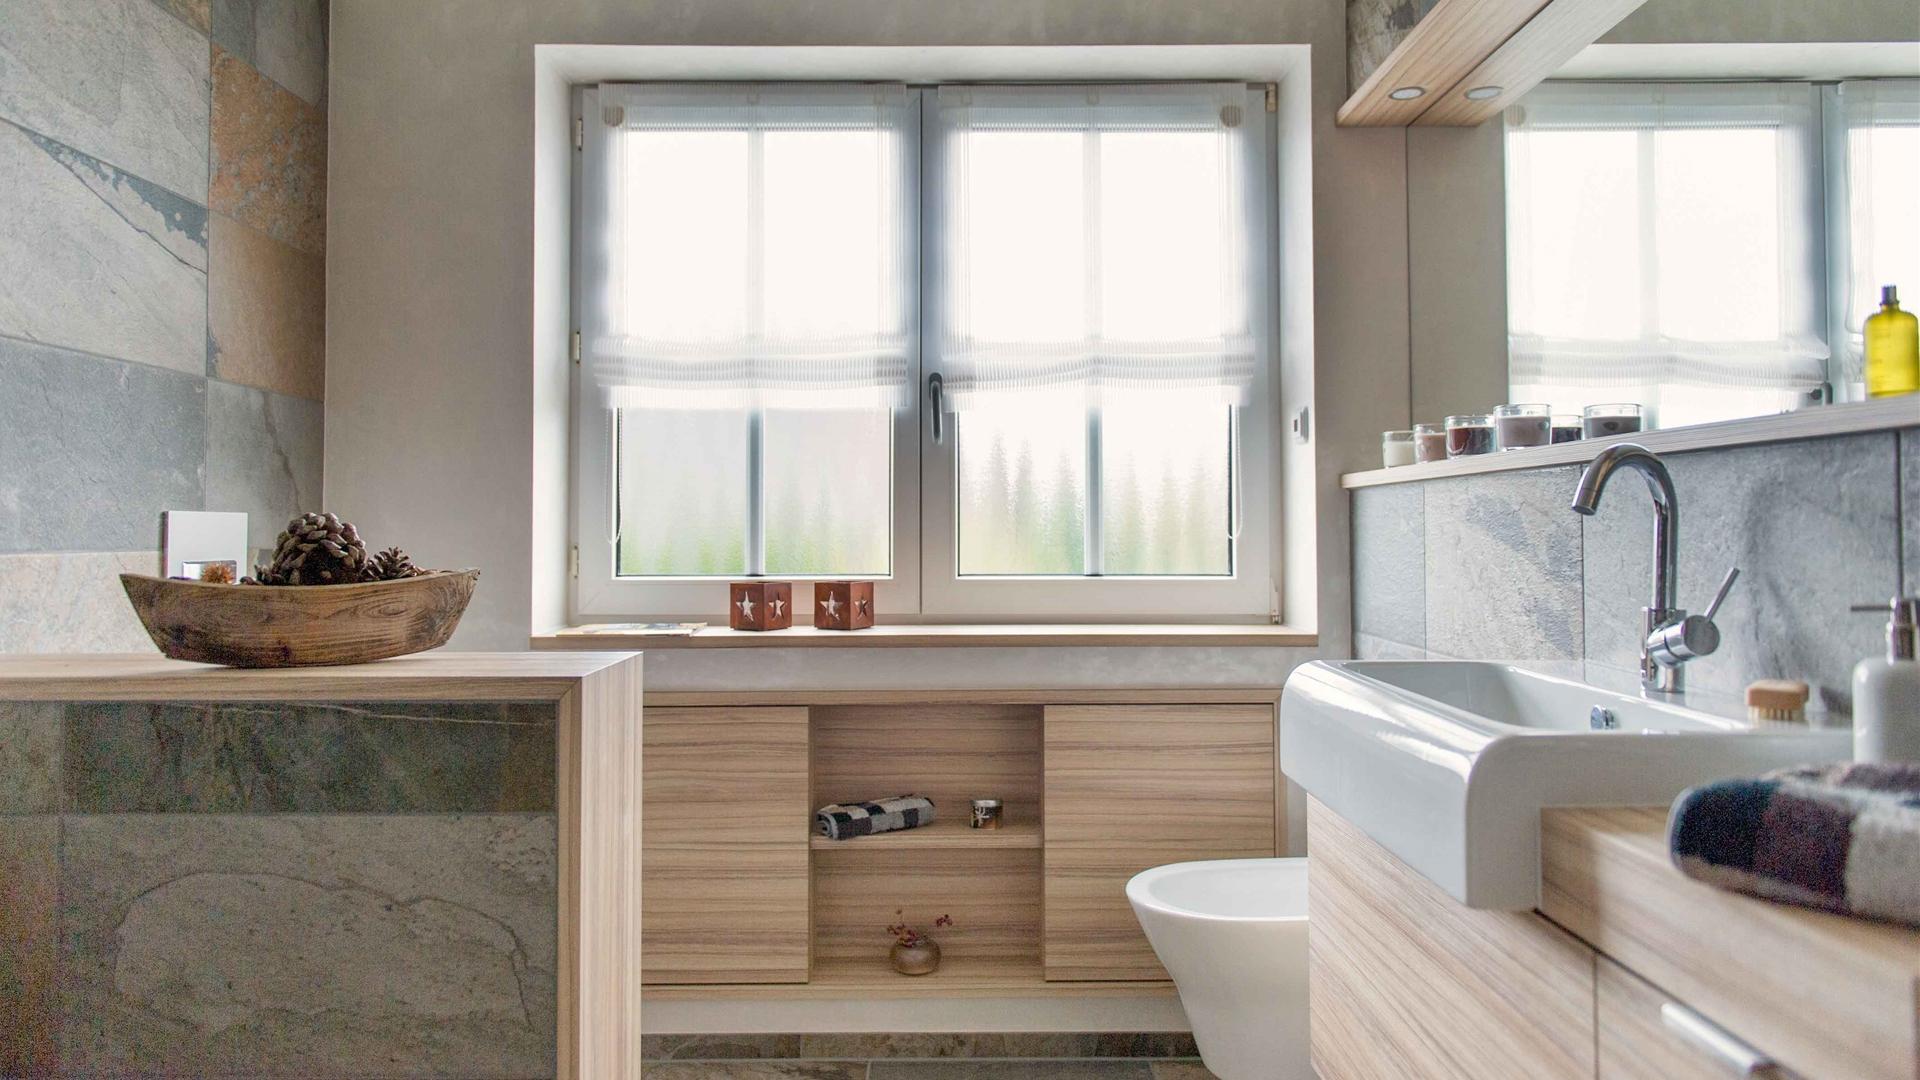 Waschtisch-Einbauschrank-Fenster